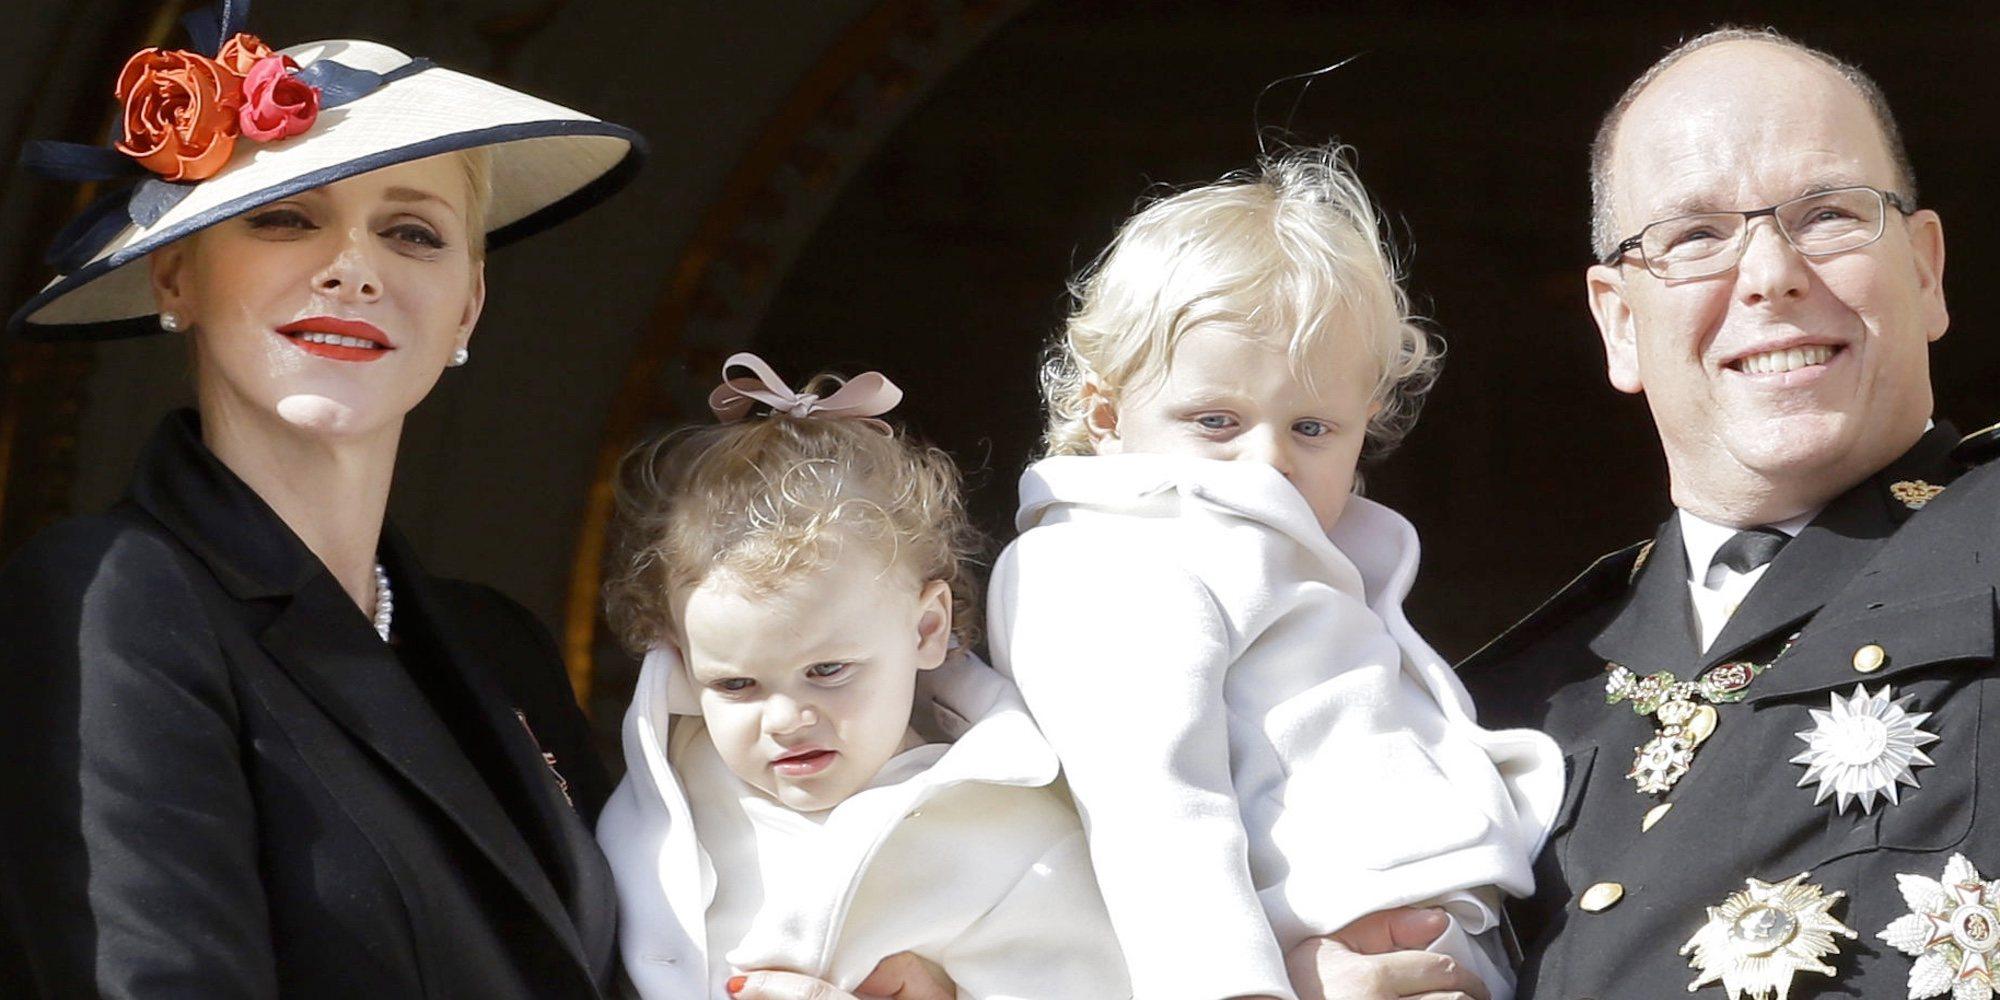 La foto solidaria de familia de Alberto y Charlene de Mónaco con sus hijos Jacques y Gabriella